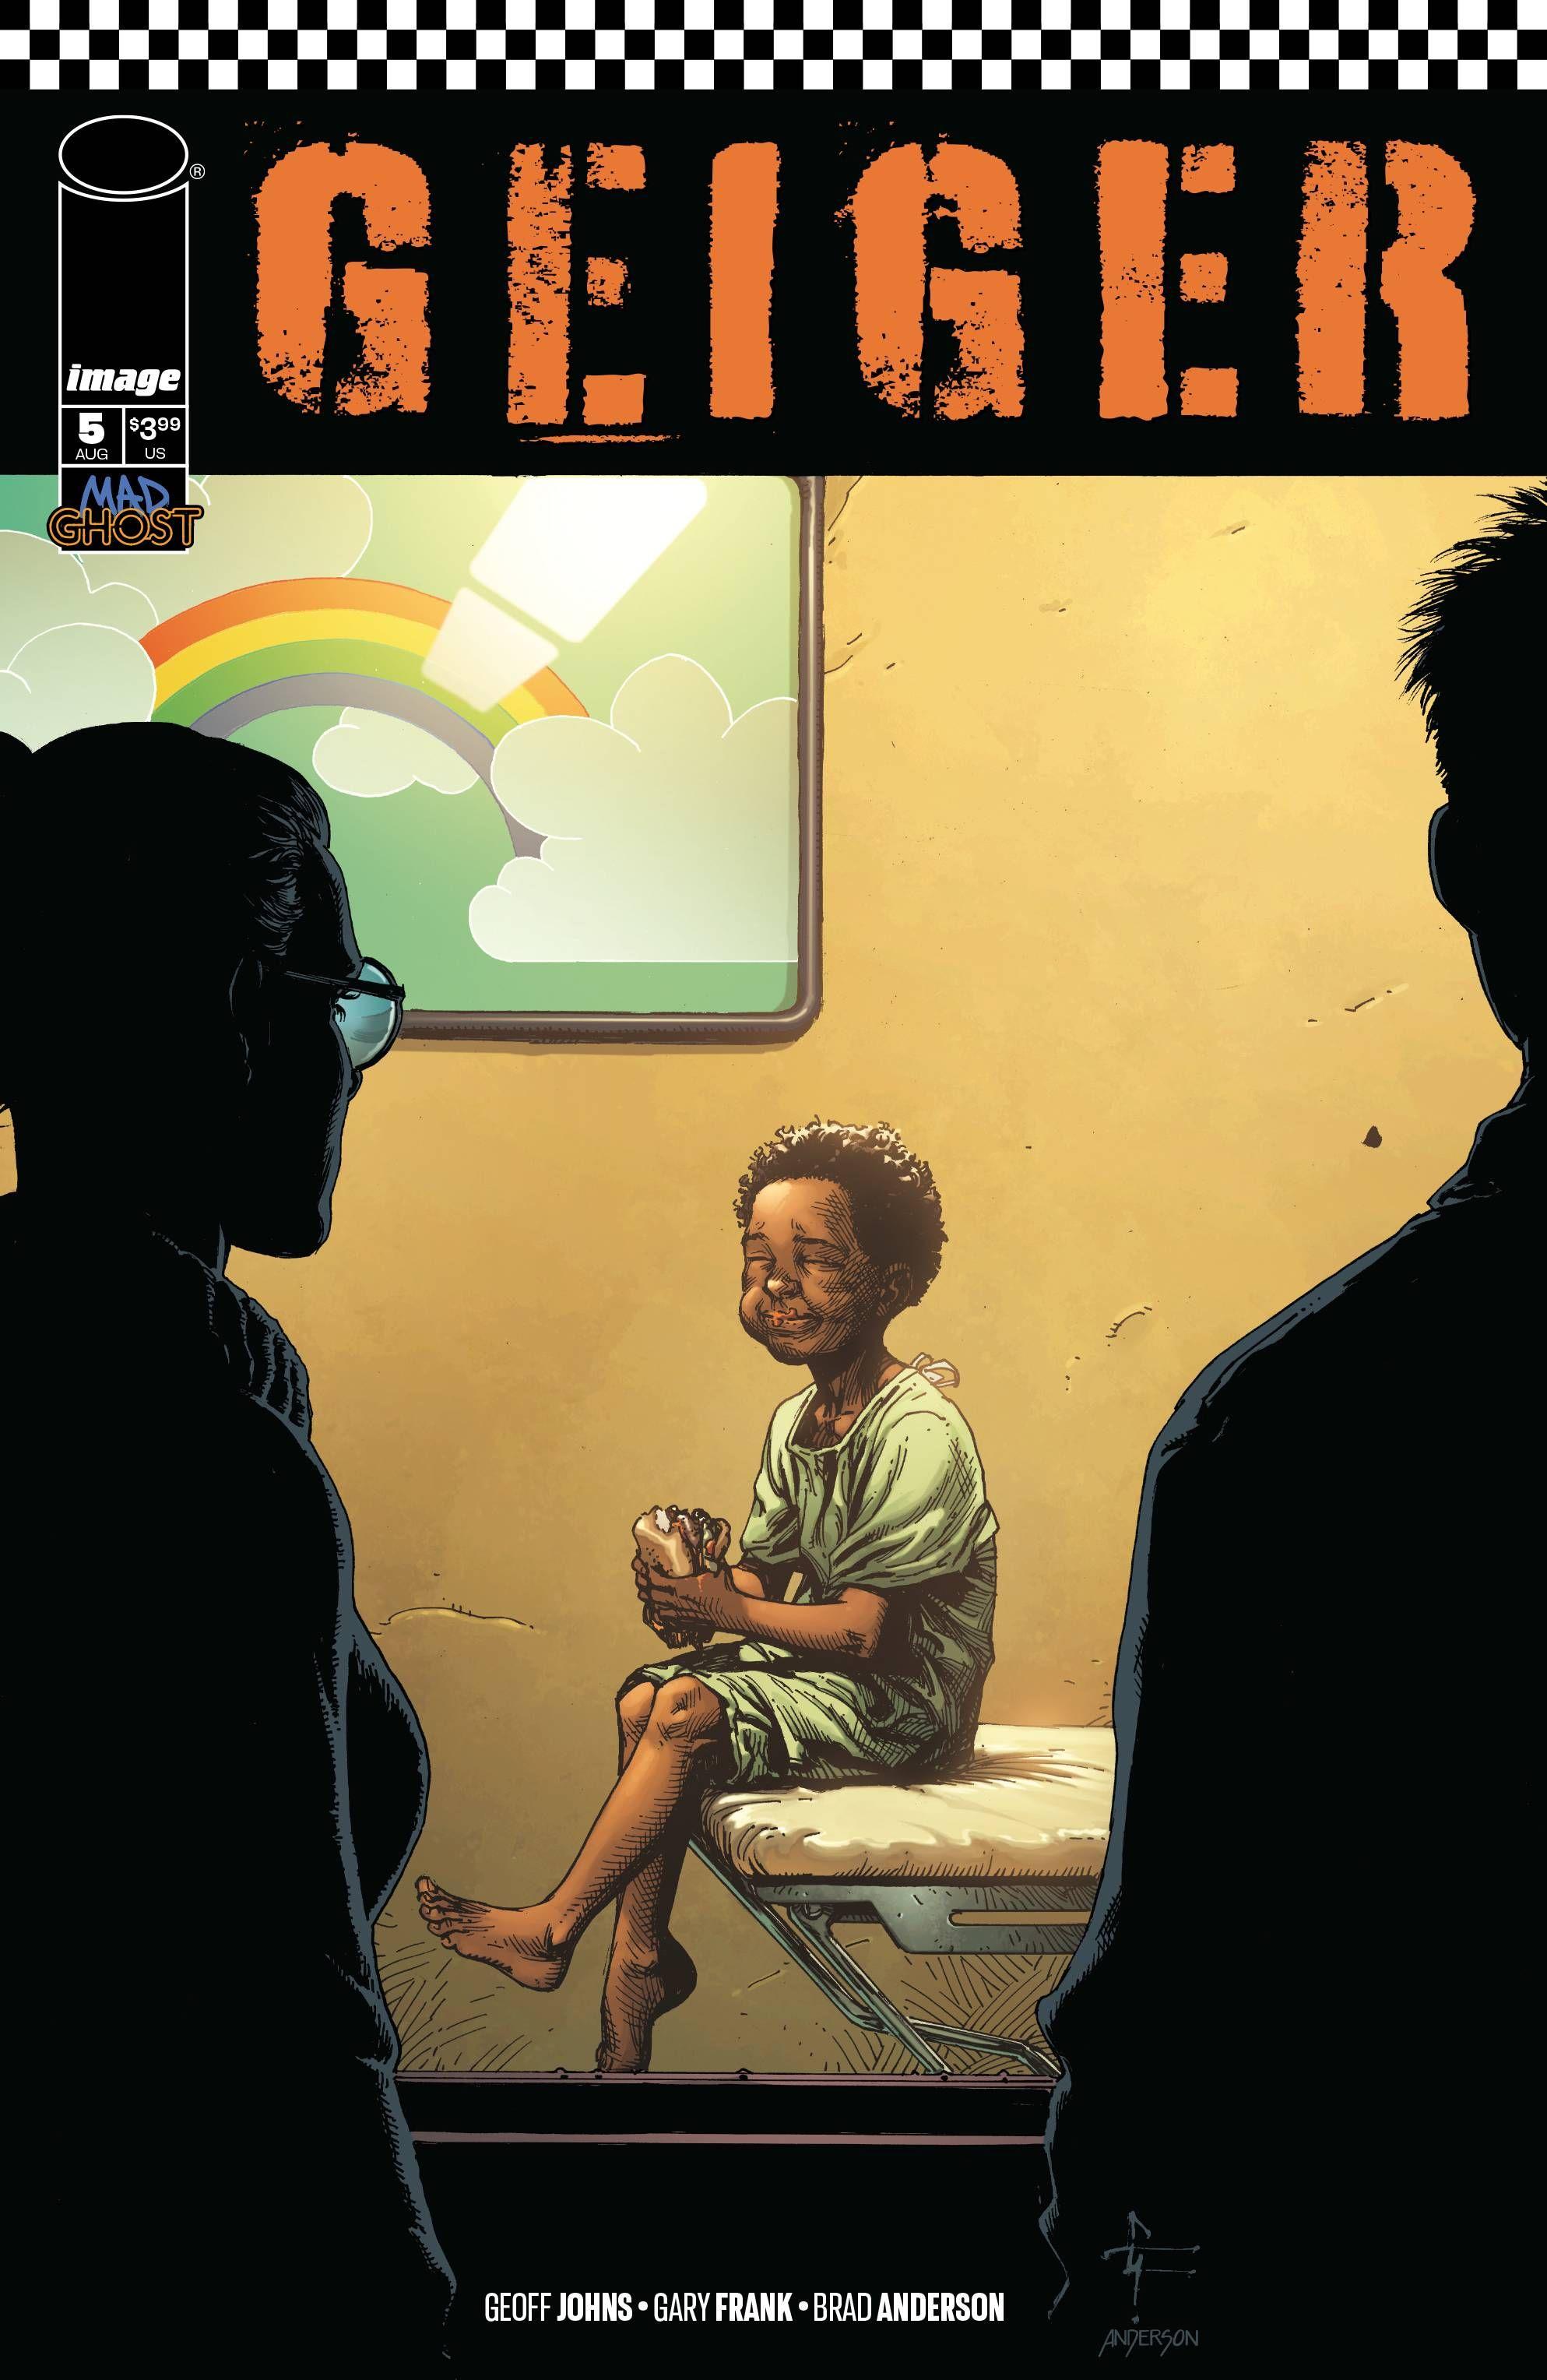 eyJidWNrZXQiOiJnb2NvbGxlY3QuaW1hZ2VzLnB1YiIsImtleSI6ImYyYTdjNzcyLTg1OTYtNDUyZC04MjkwLTAwMzJjNWRhOTU5MS5qcGciLCJlZGl0cyI6W119 ComicList: Image Comics New Releases for 08/04/2021